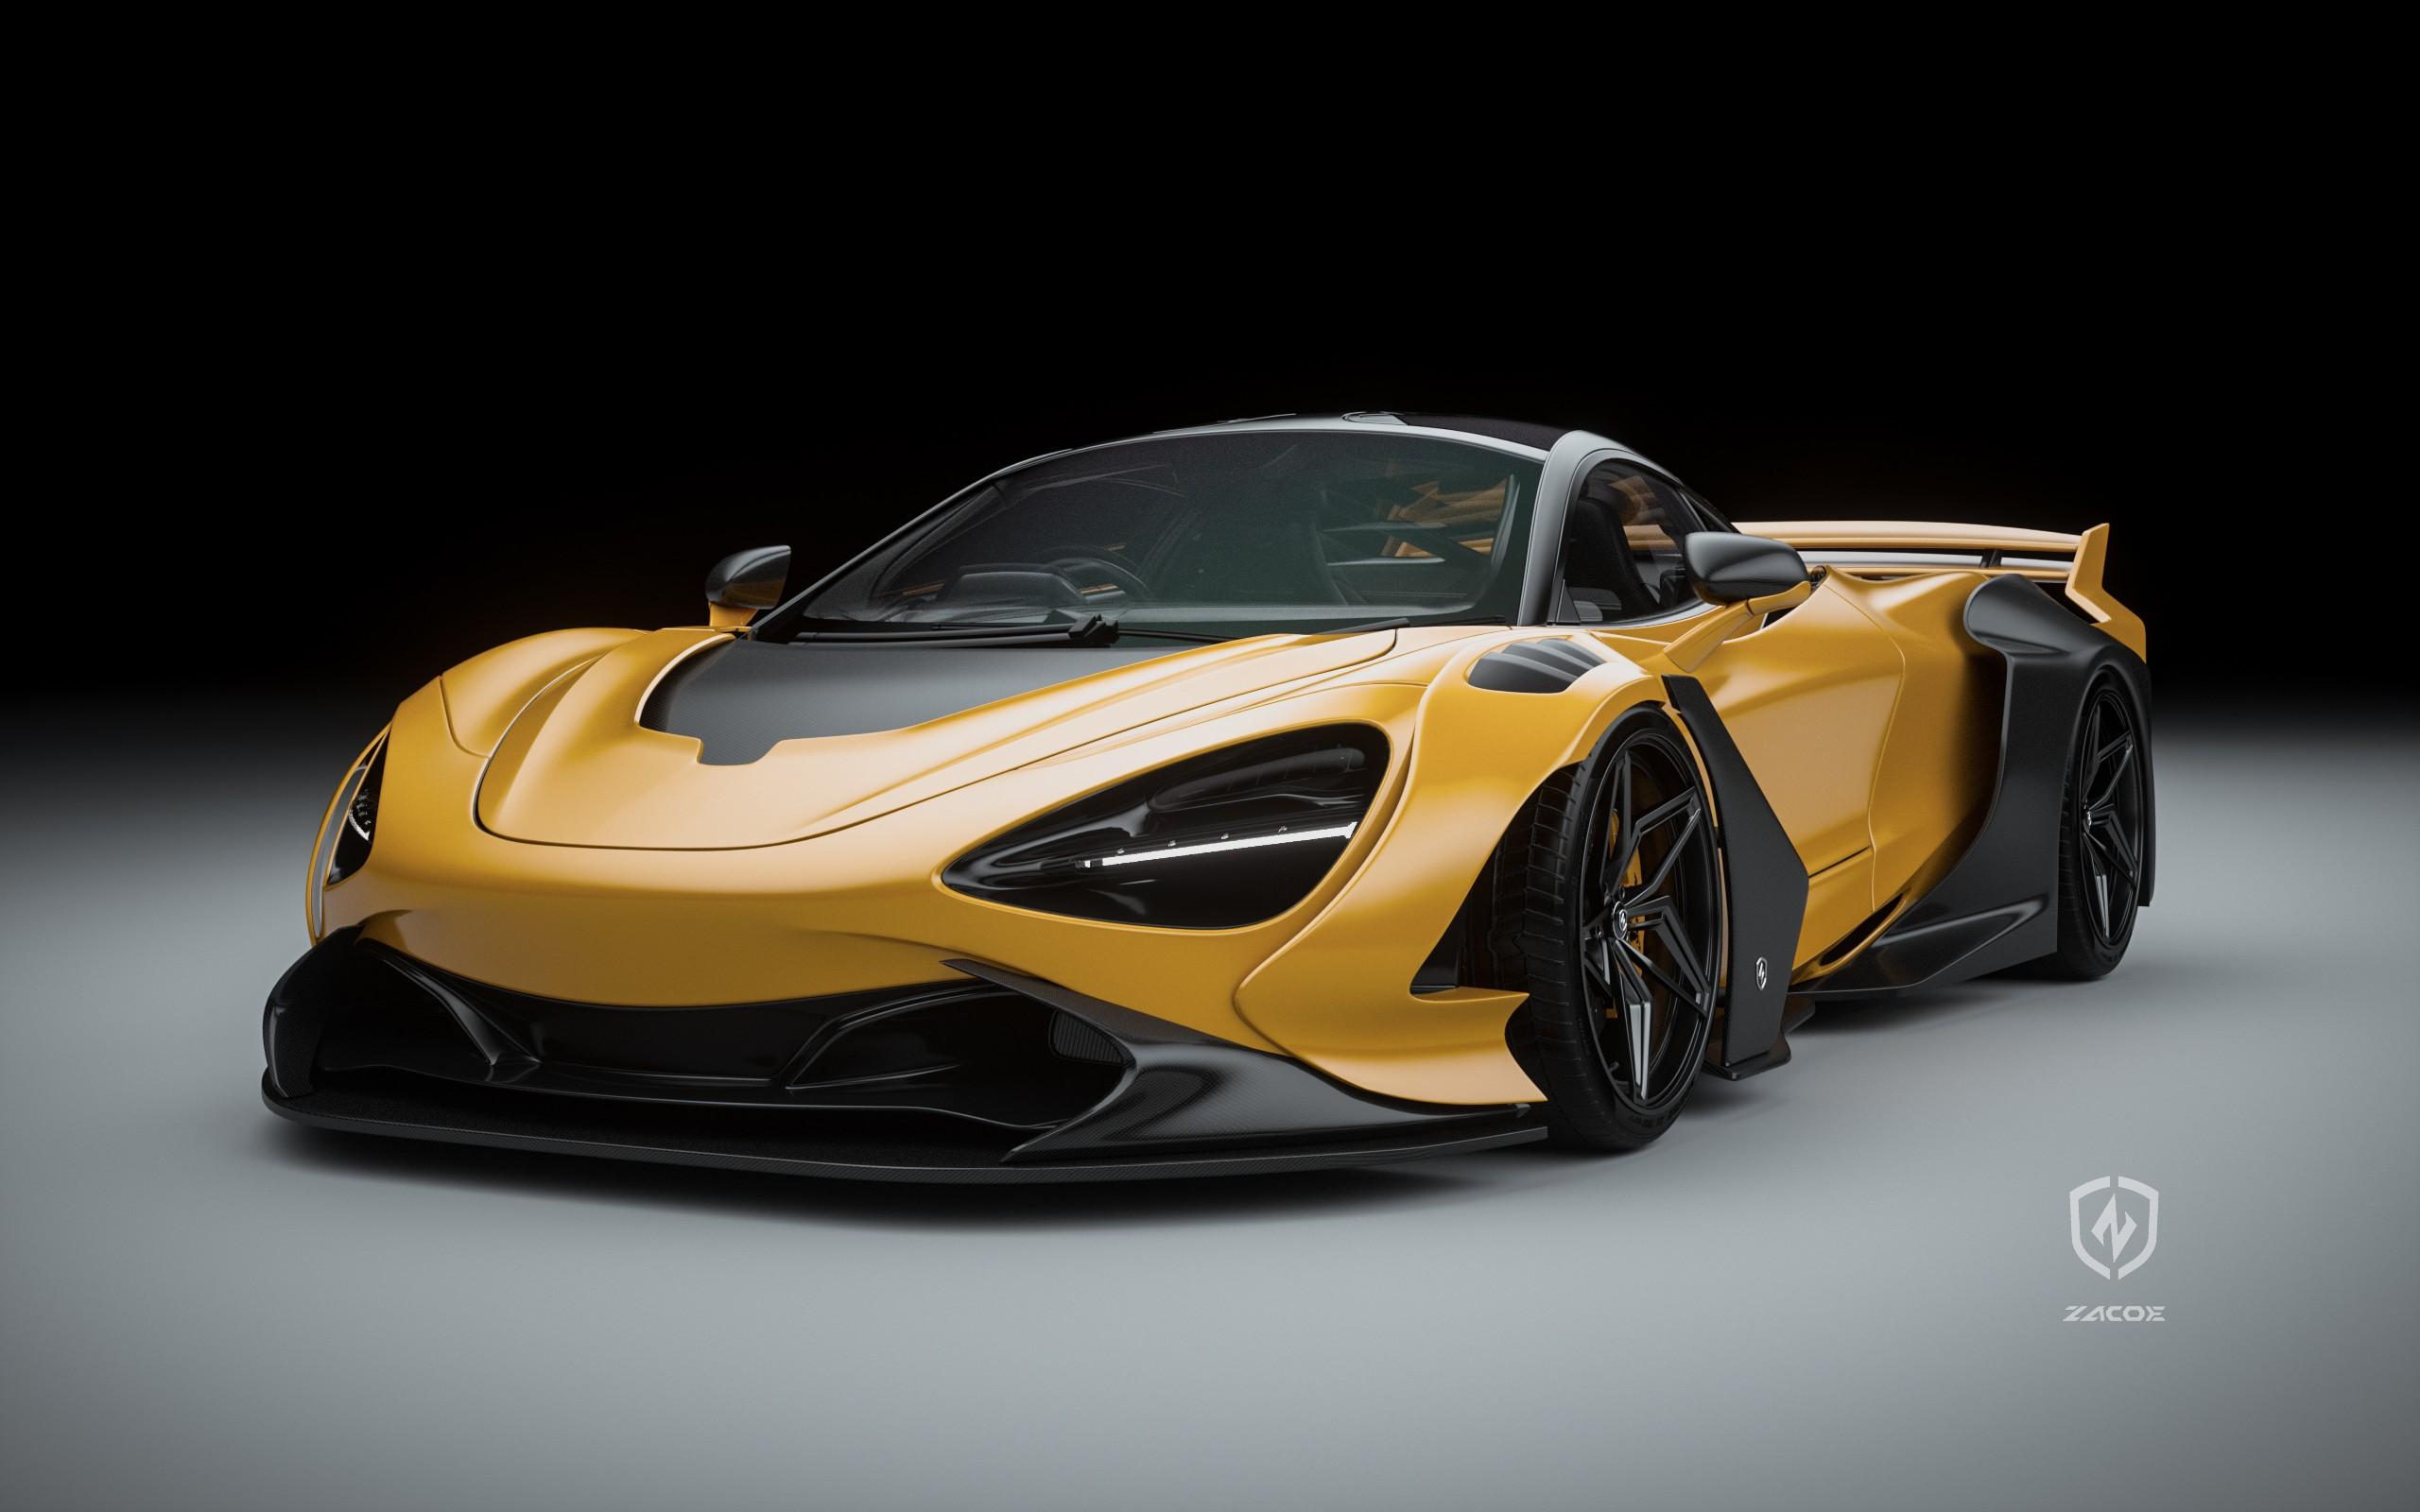 McLaren-720S-by-Zacoe-1